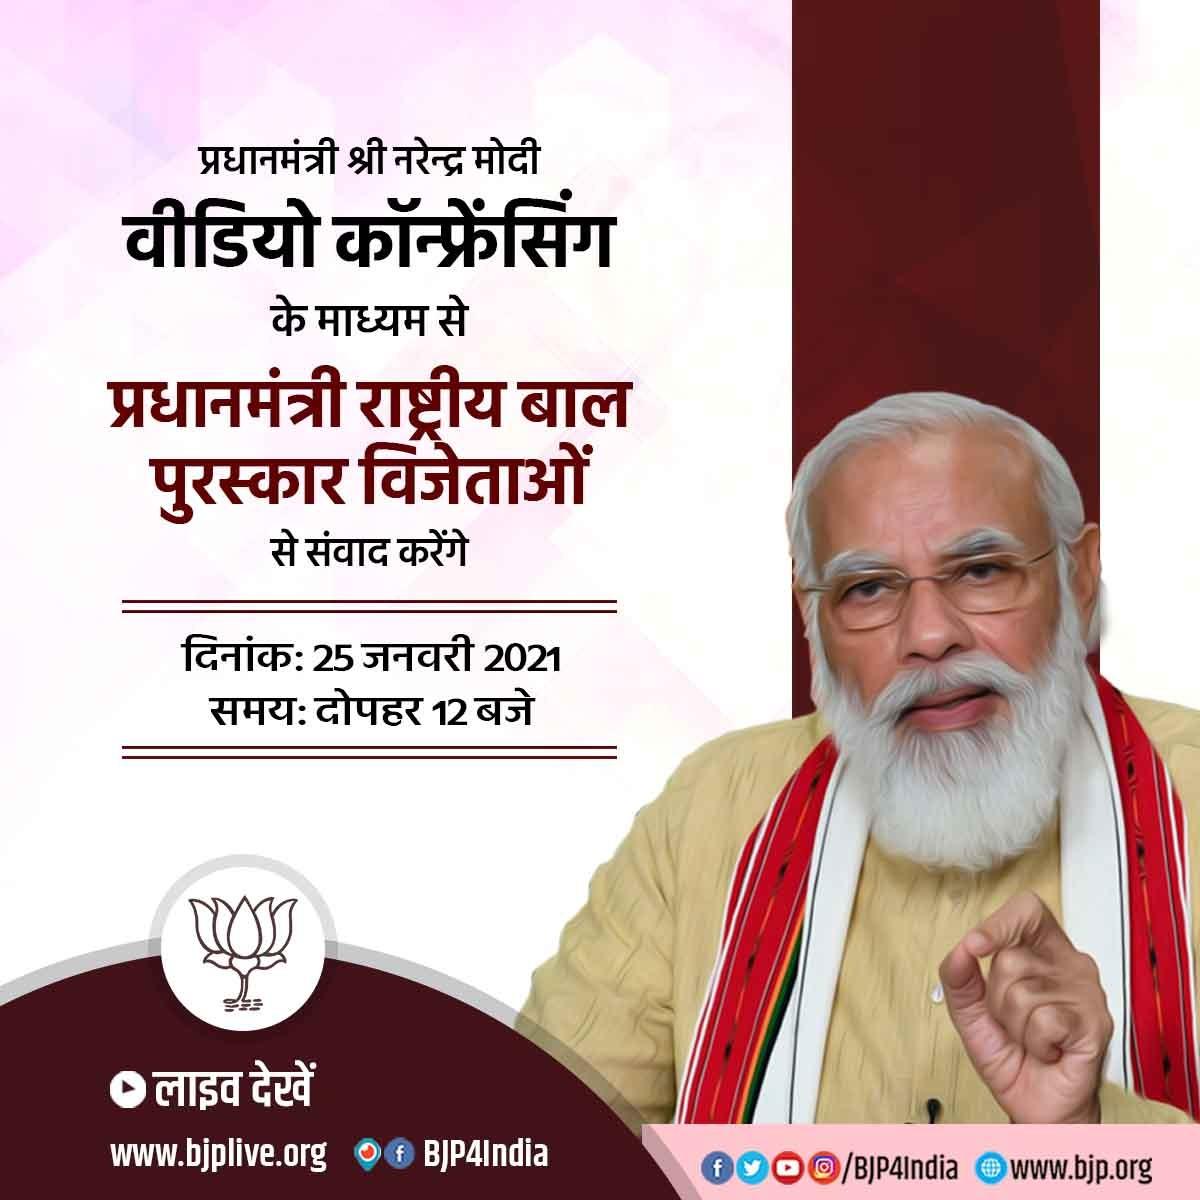 प्रधानमंत्री श्री @narendramodi 25 जनवरी 2021 को वीडियो कॉन्फ़्रेंसिंग के माध्यम से प्रधानमंत्री राष्ट्रीय बाल पुरस्कार विजेताओं से संवाद करेंगे।  लाइव देखें   •  •  •  •